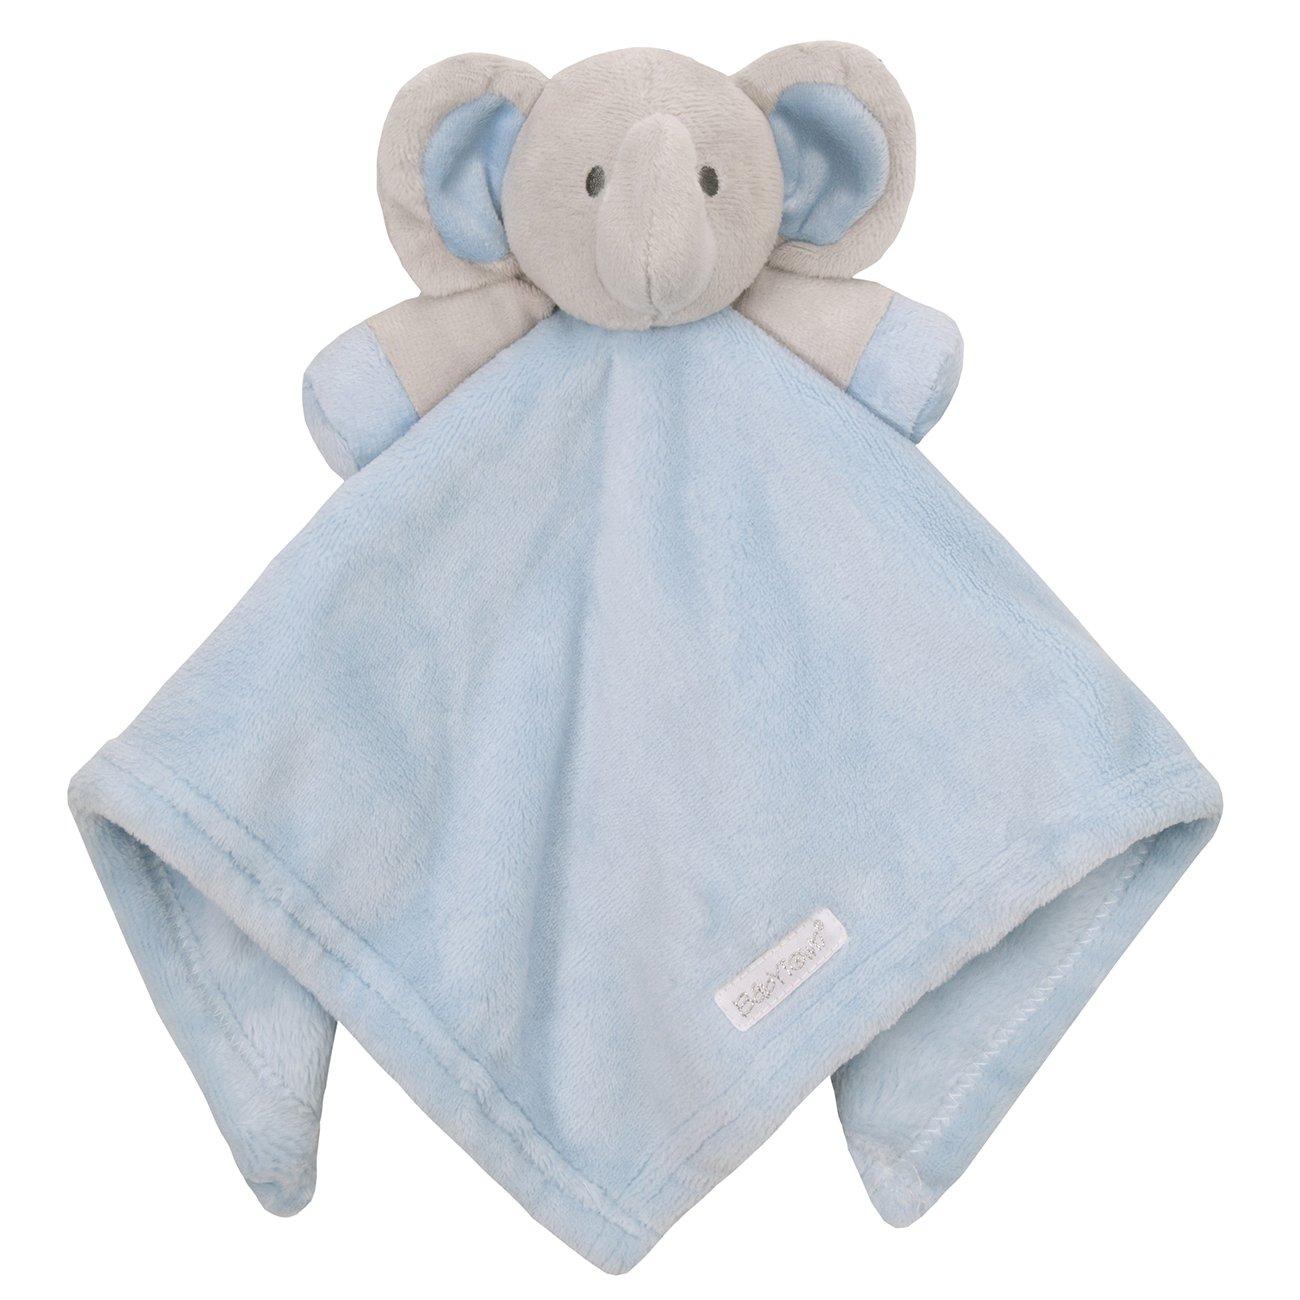 /él/éphant bleu Taille Unique BabyTown b/éb/é gar/çons et filles s/échage rapide OURS EN PELUCHE DUVET